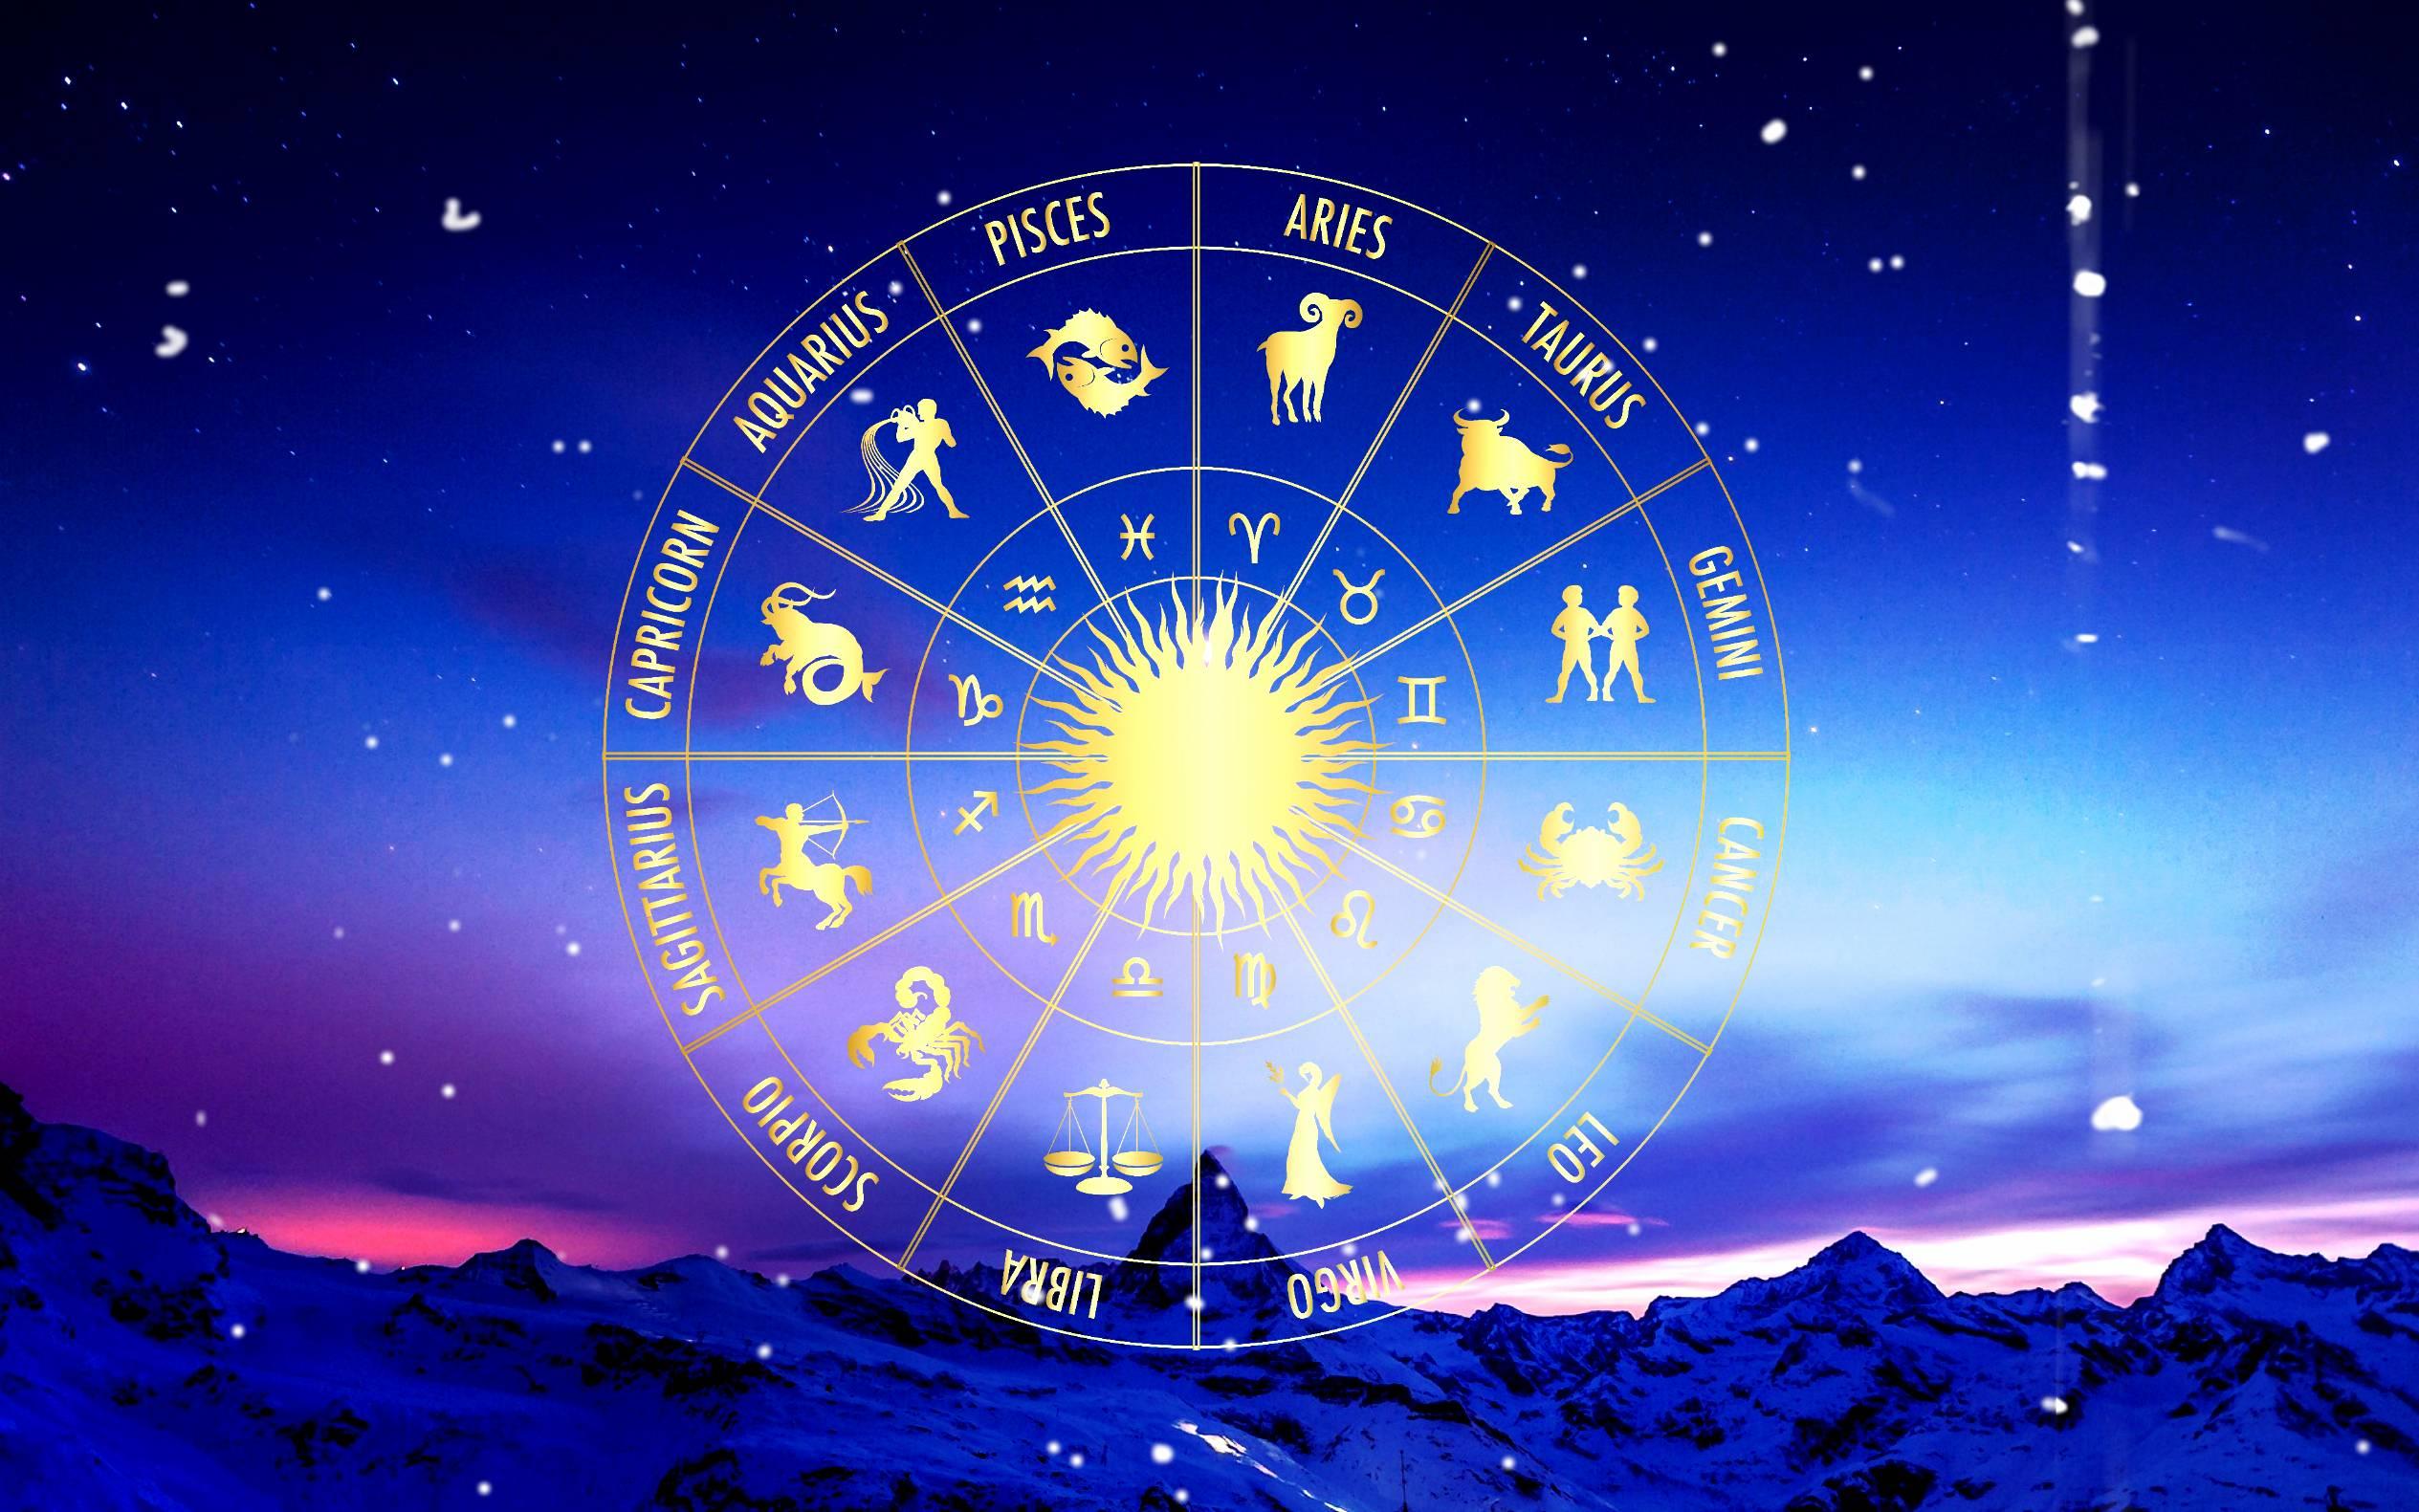 Читать книгу гороскоп удачи. практическая астрология на каждый день елены мазовой : онлайн чтение - страница 1